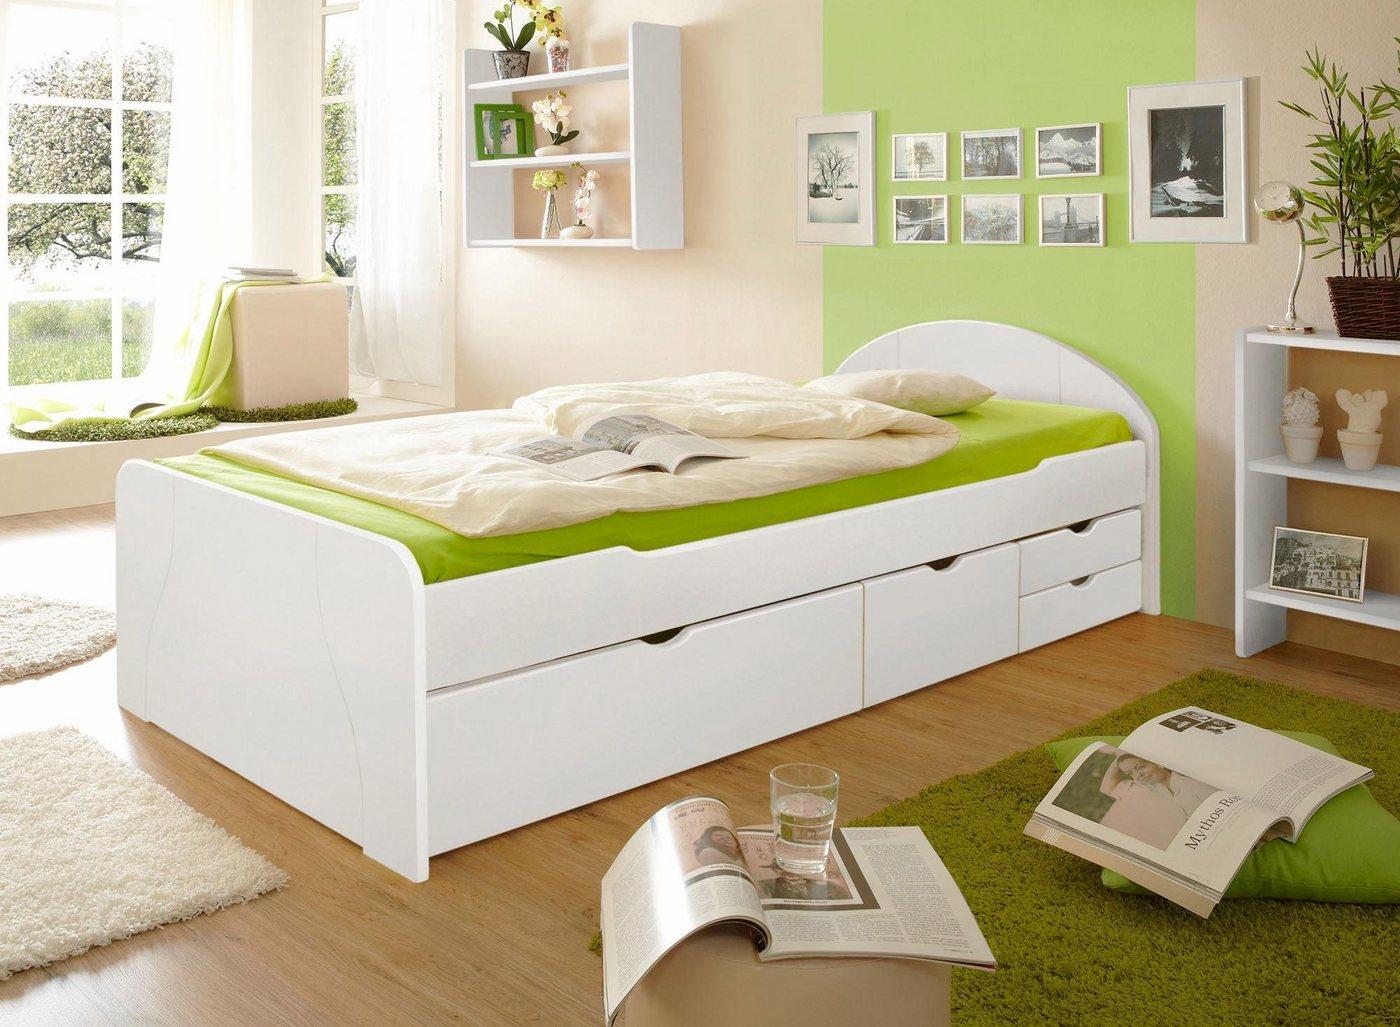 Ticaa Bett Erna in diversen Breiten mit Bettschubkästen Kiefer weiß   04251105926603